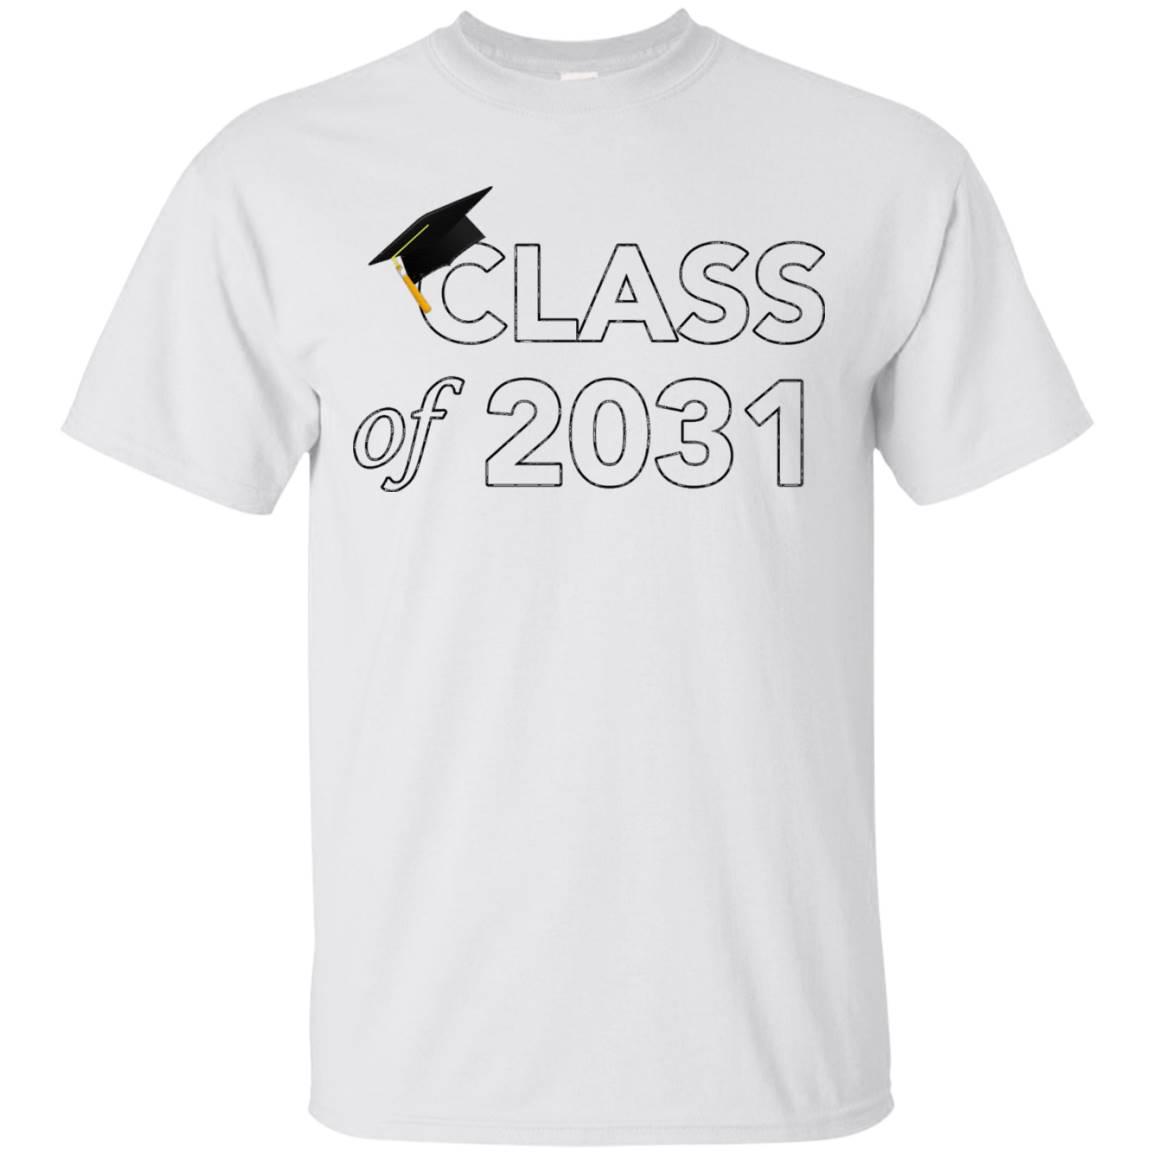 Class of 2031 Graduation T-Shirt T Shirt Tee